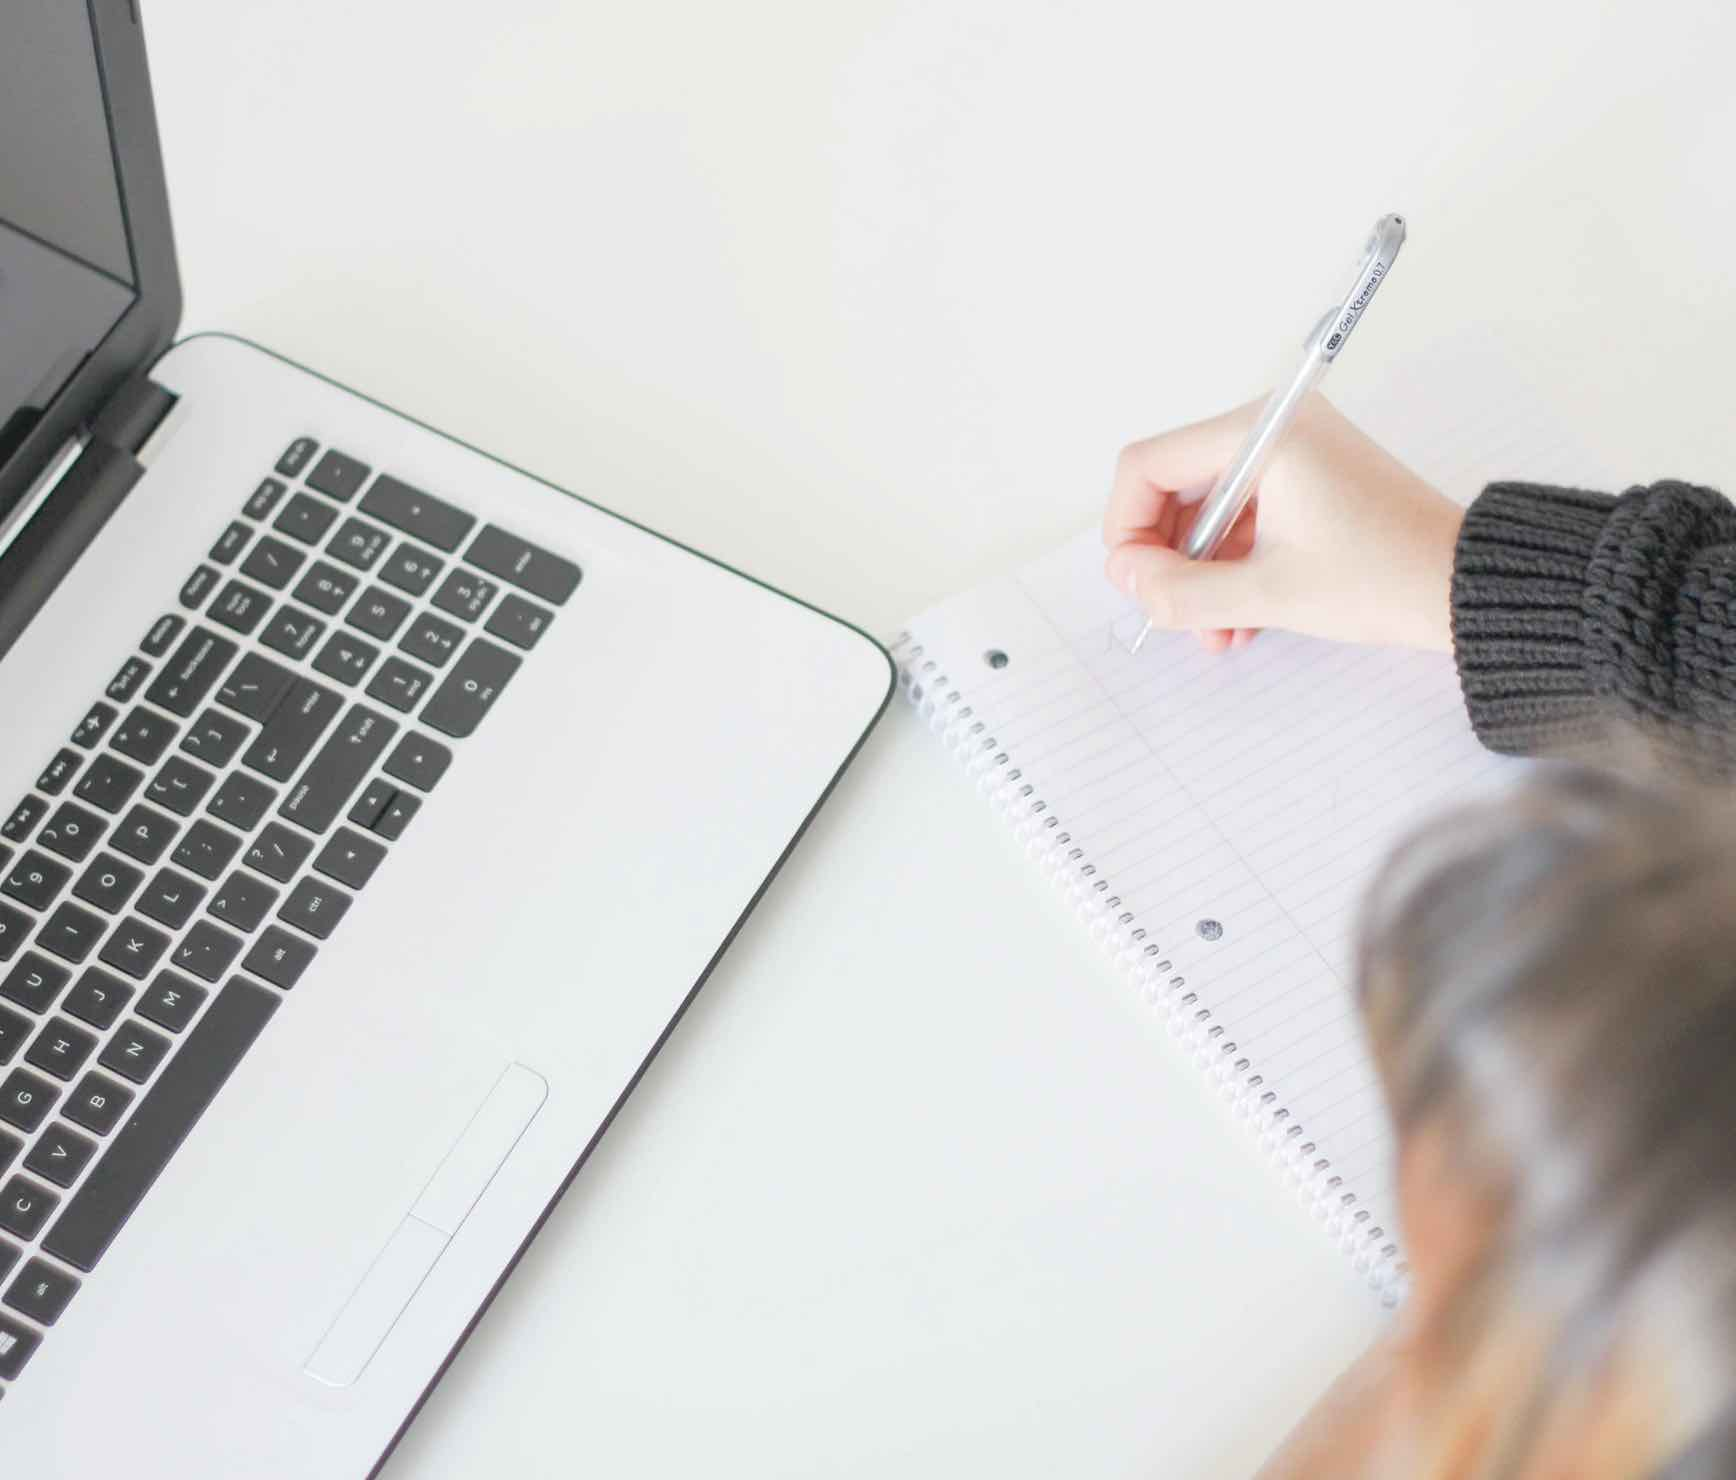 Dinamicas Creativas - Blog - 3 elementos que toda empresa debe evaluar para tener resultados en Internet